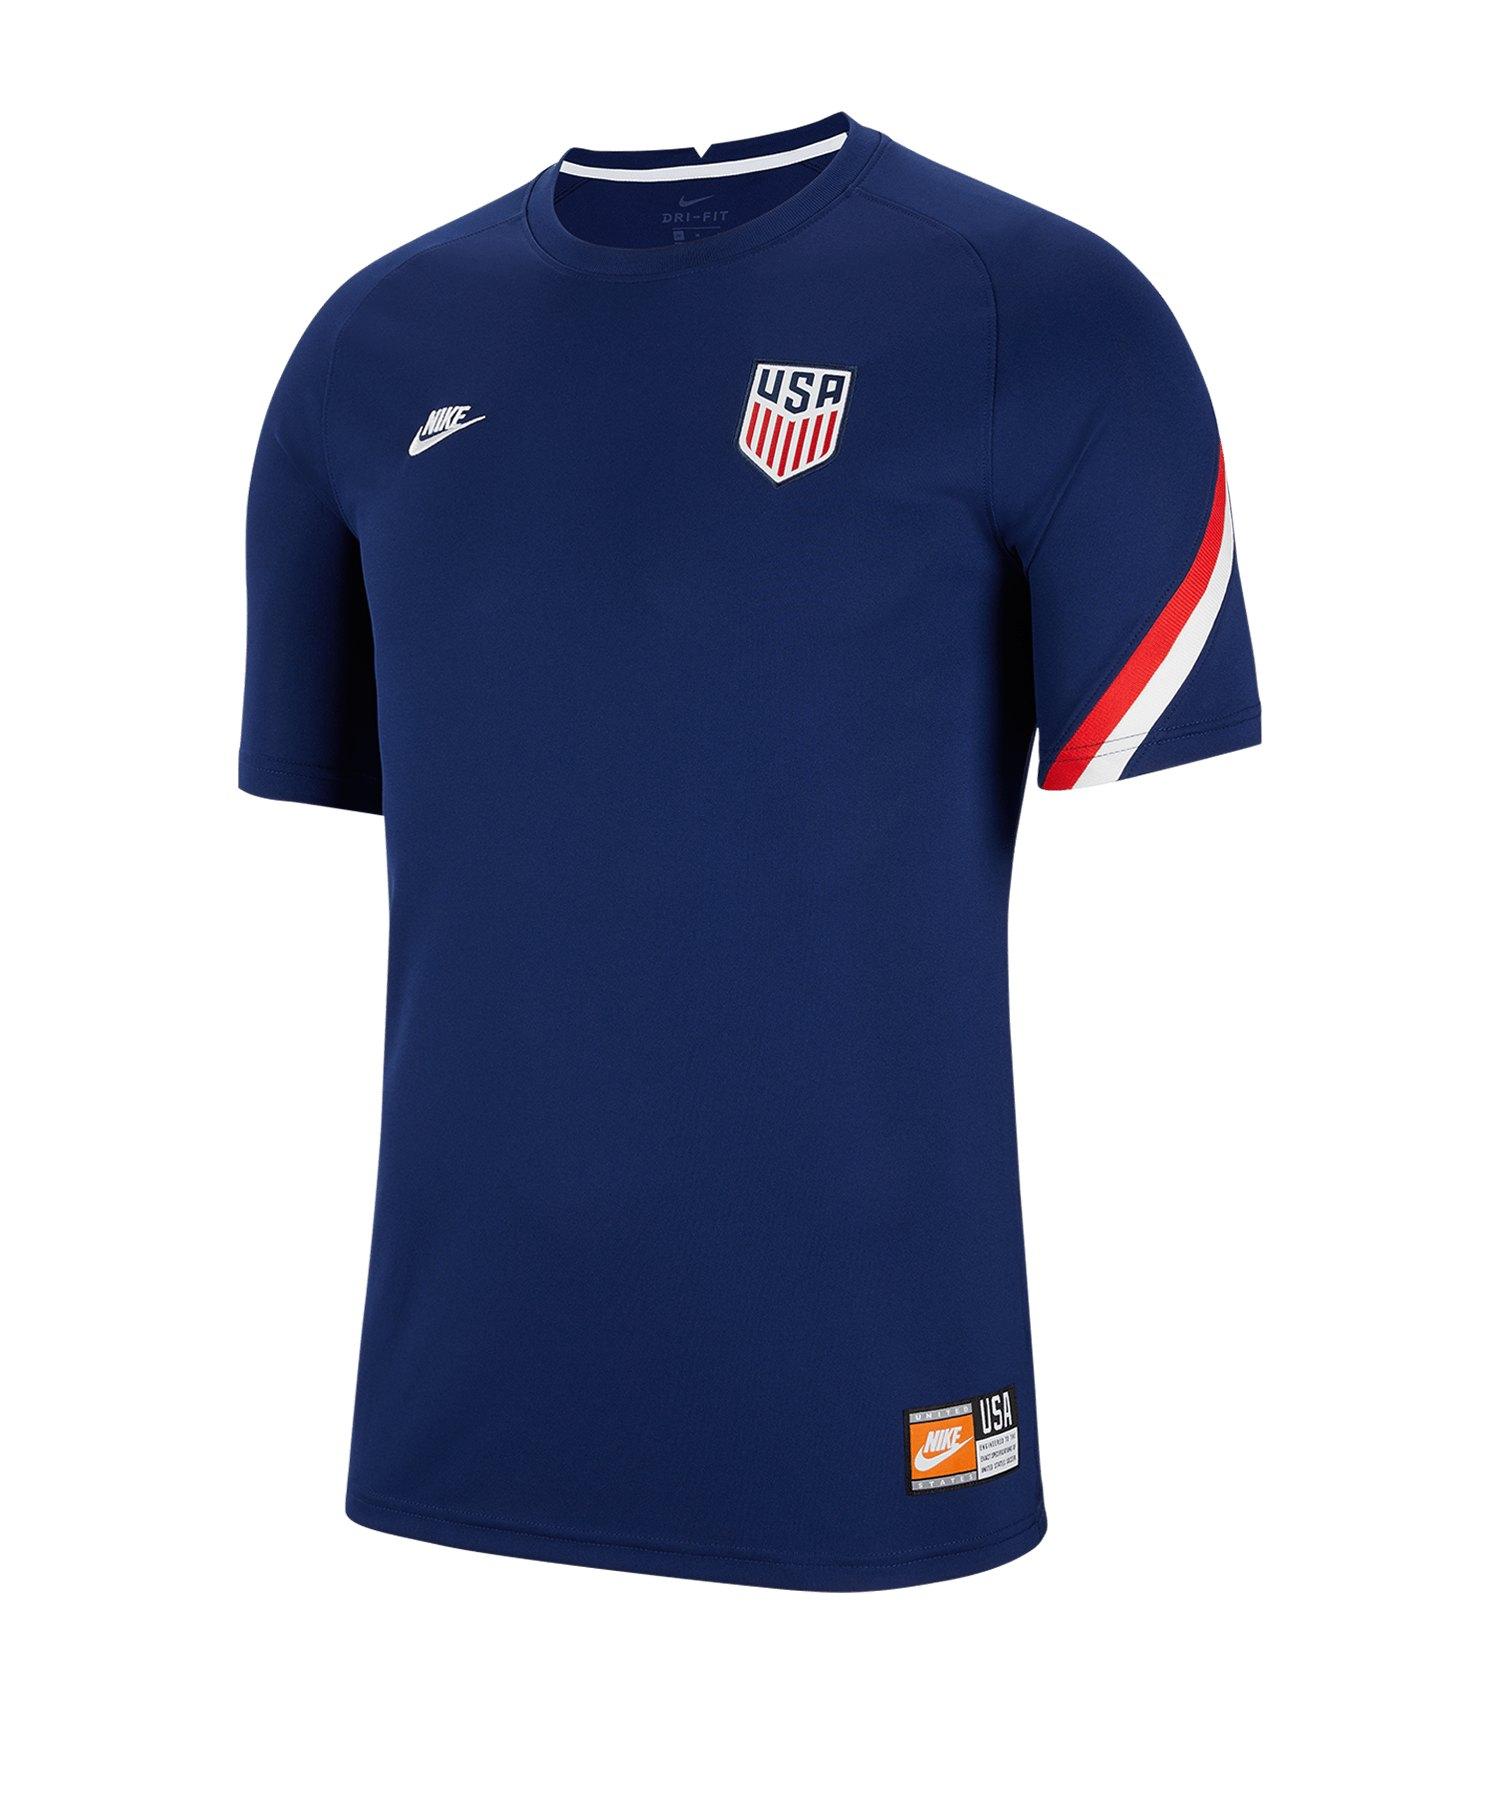 Nike USA Top Trainingsshirt Blau F421 - blau